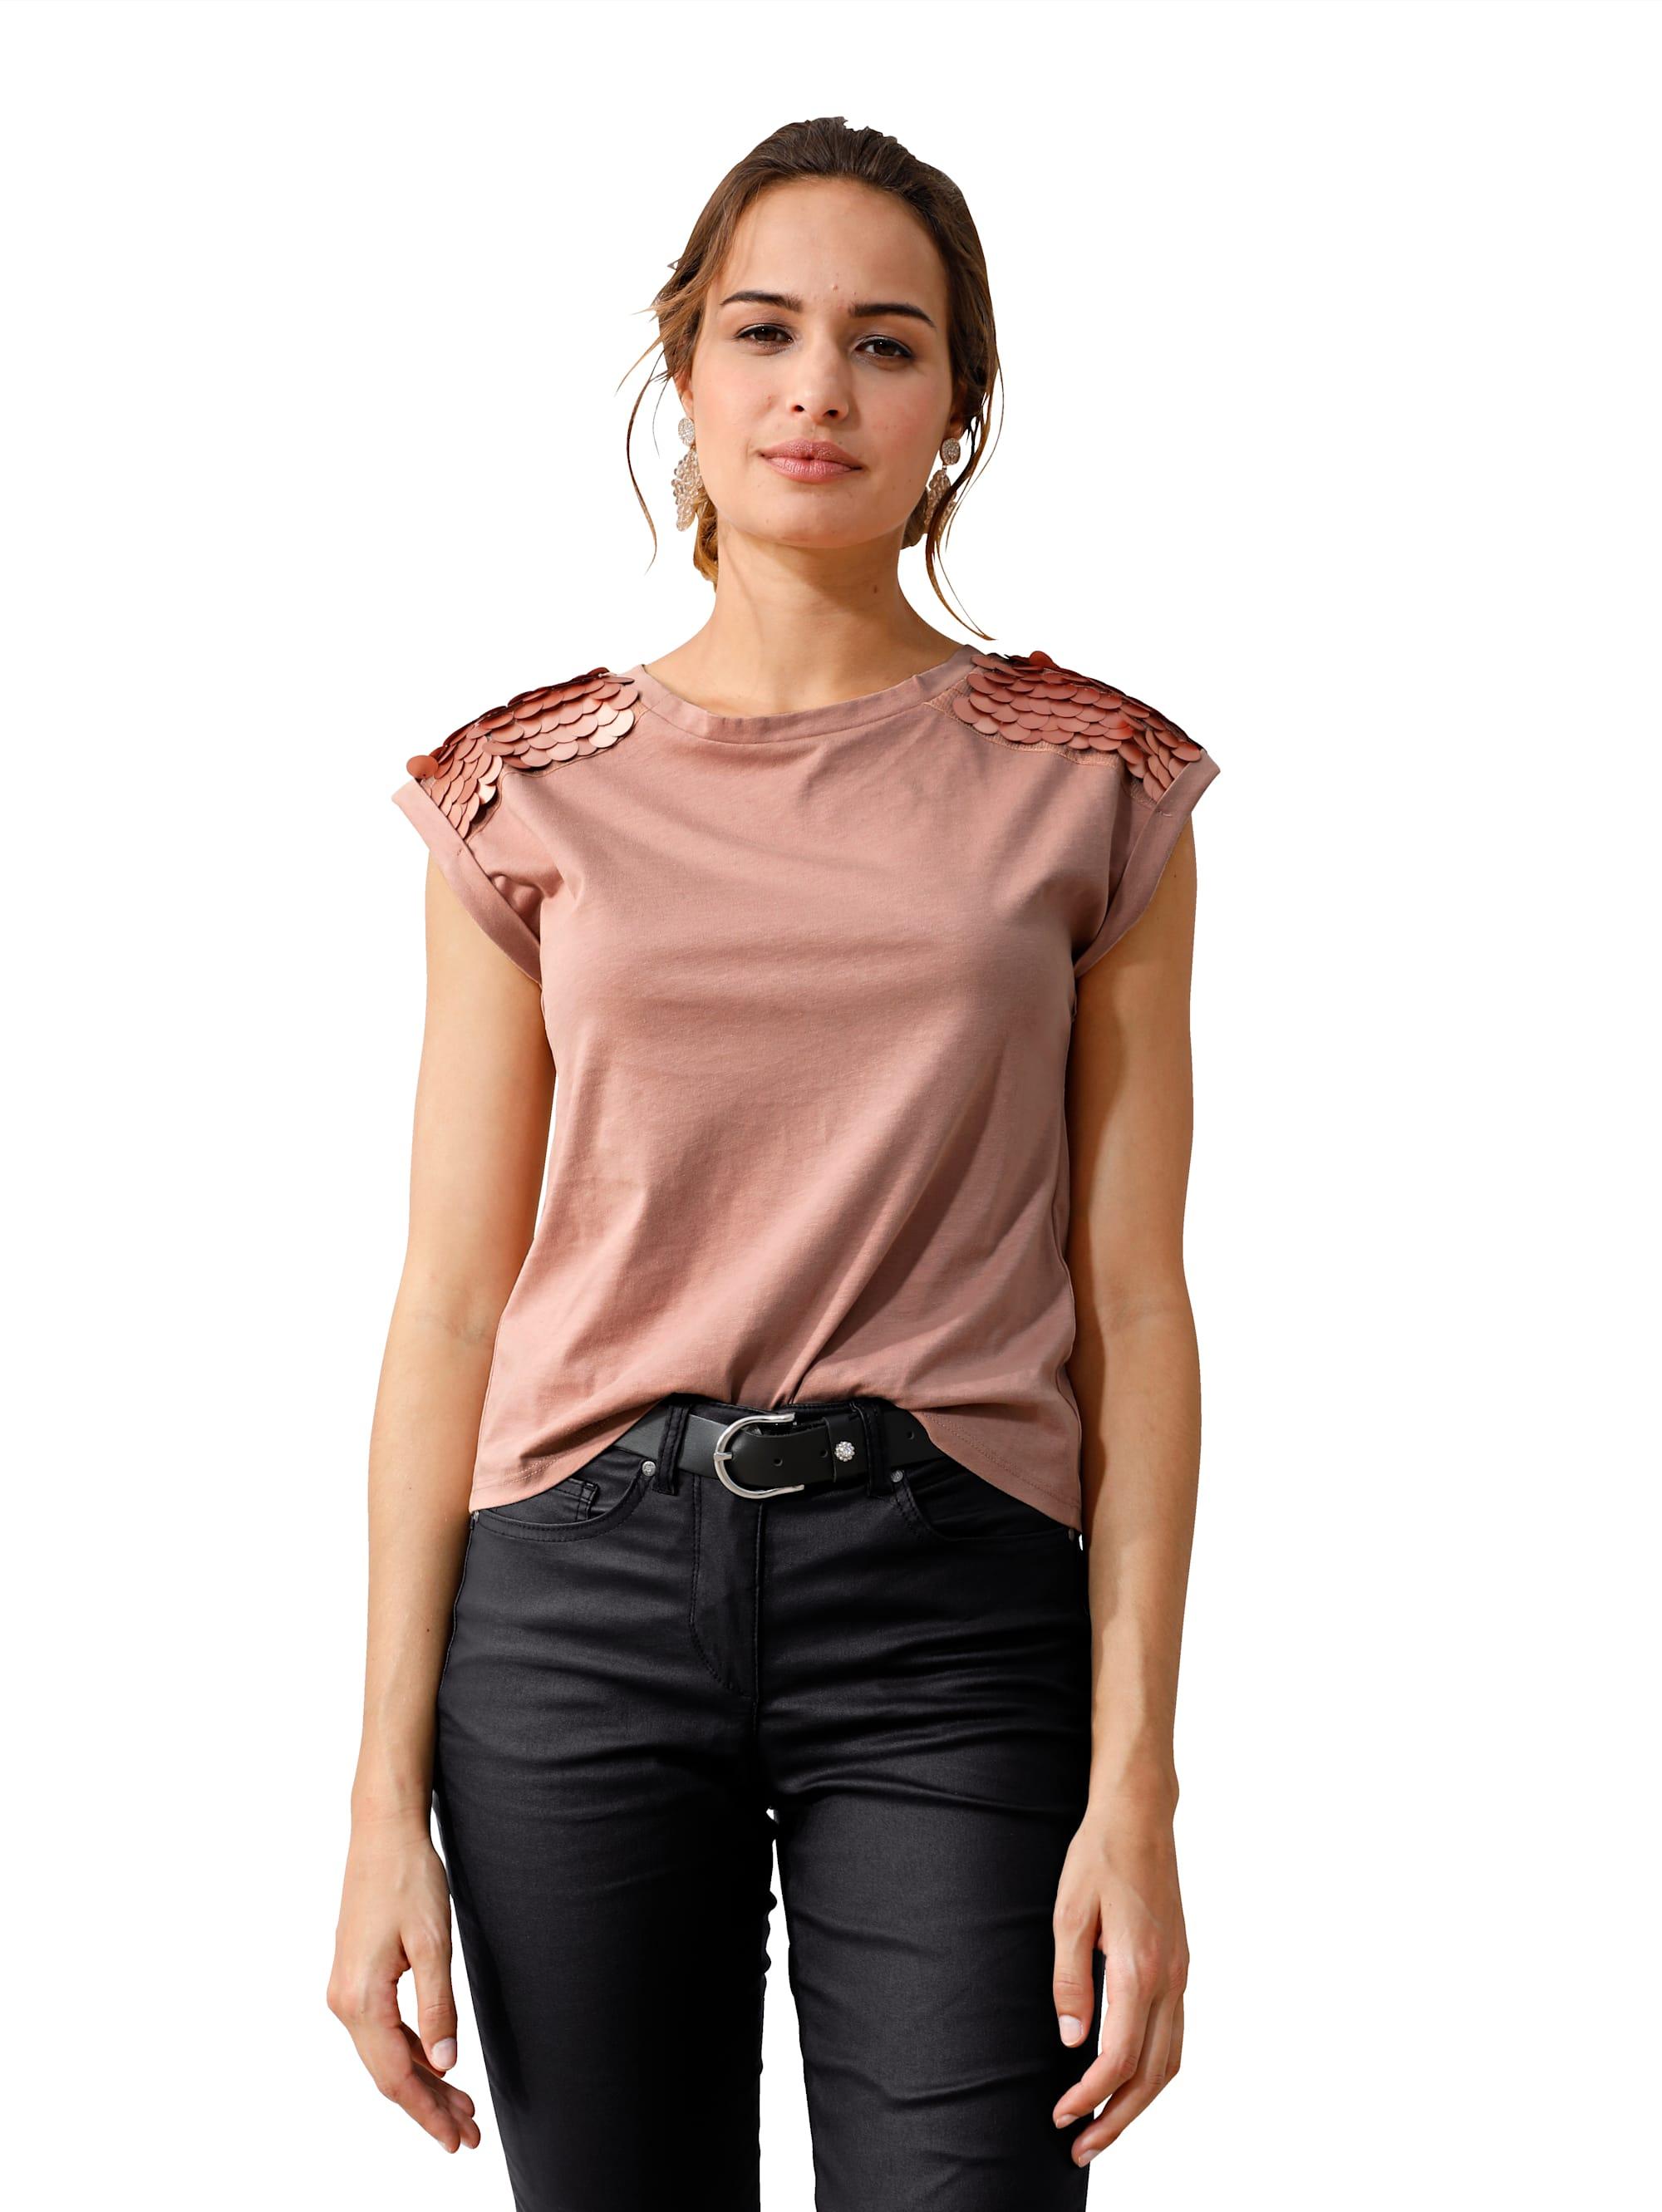 AMY VERMONT Shirt mit dekorativen Plättchen auf der Schulter 7YKQC XvEGl